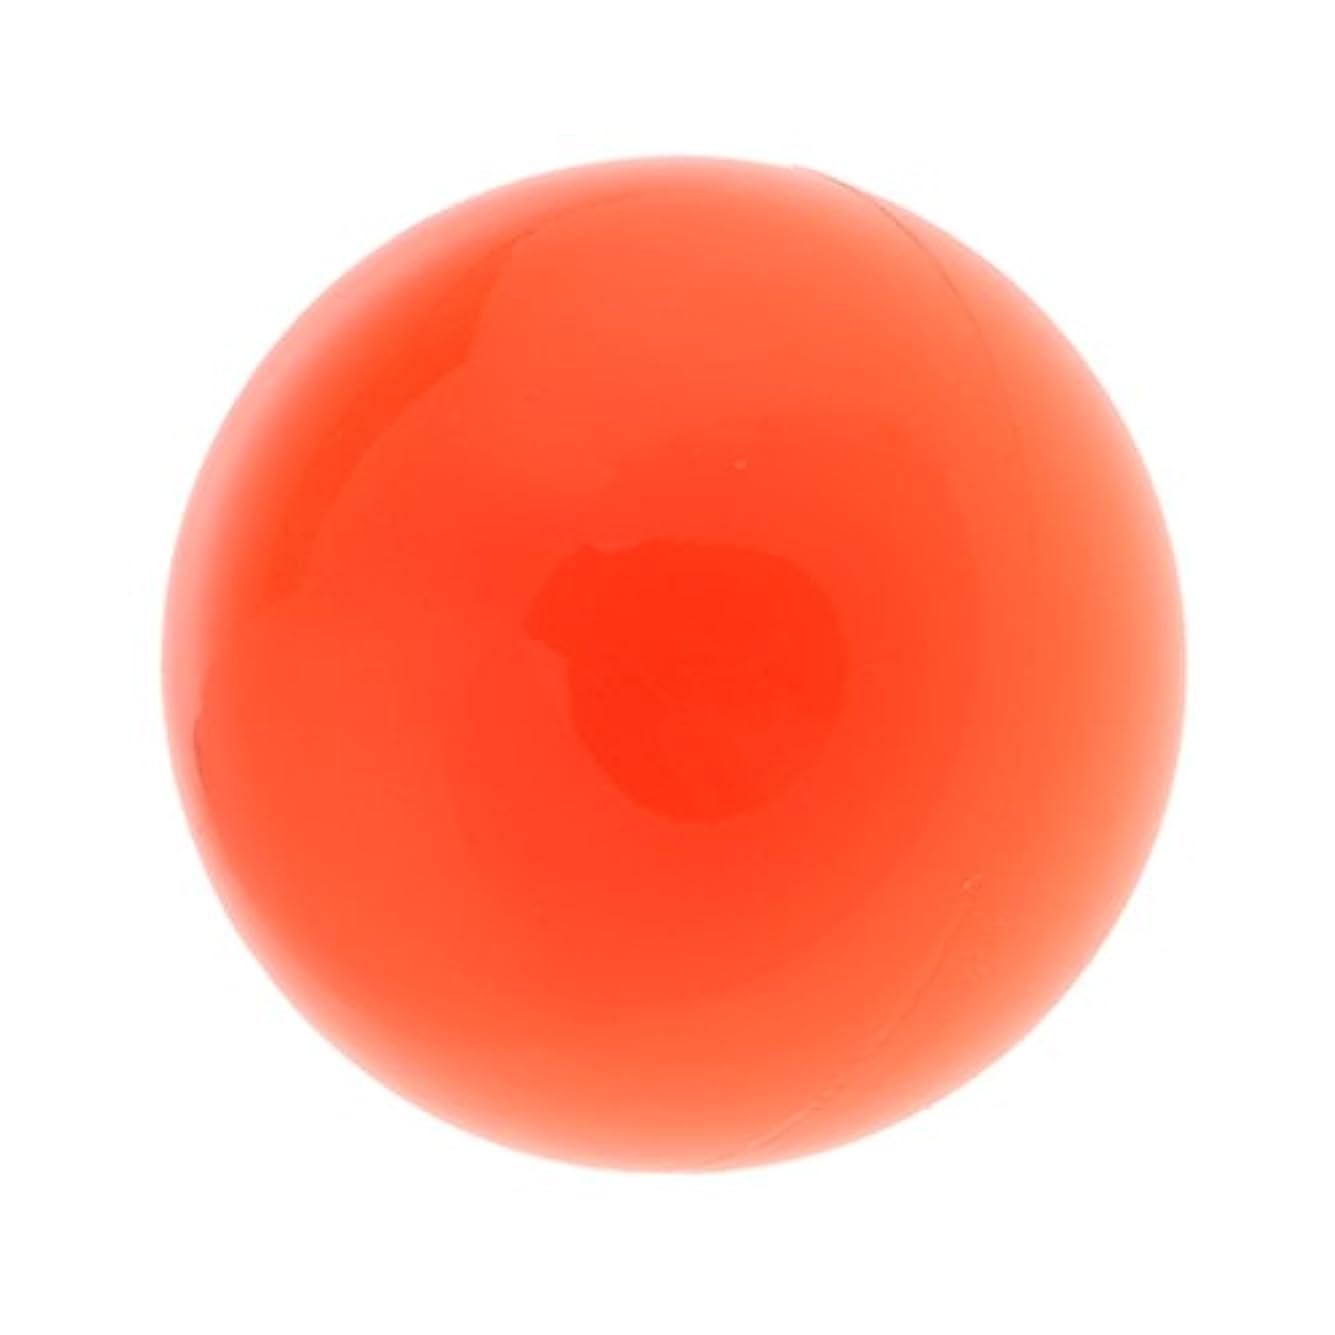 七面鳥翻訳者無心sharprepublic 体育館の家の練習の練習のヨガの試しのための制動機ポイント自己マッサージの球